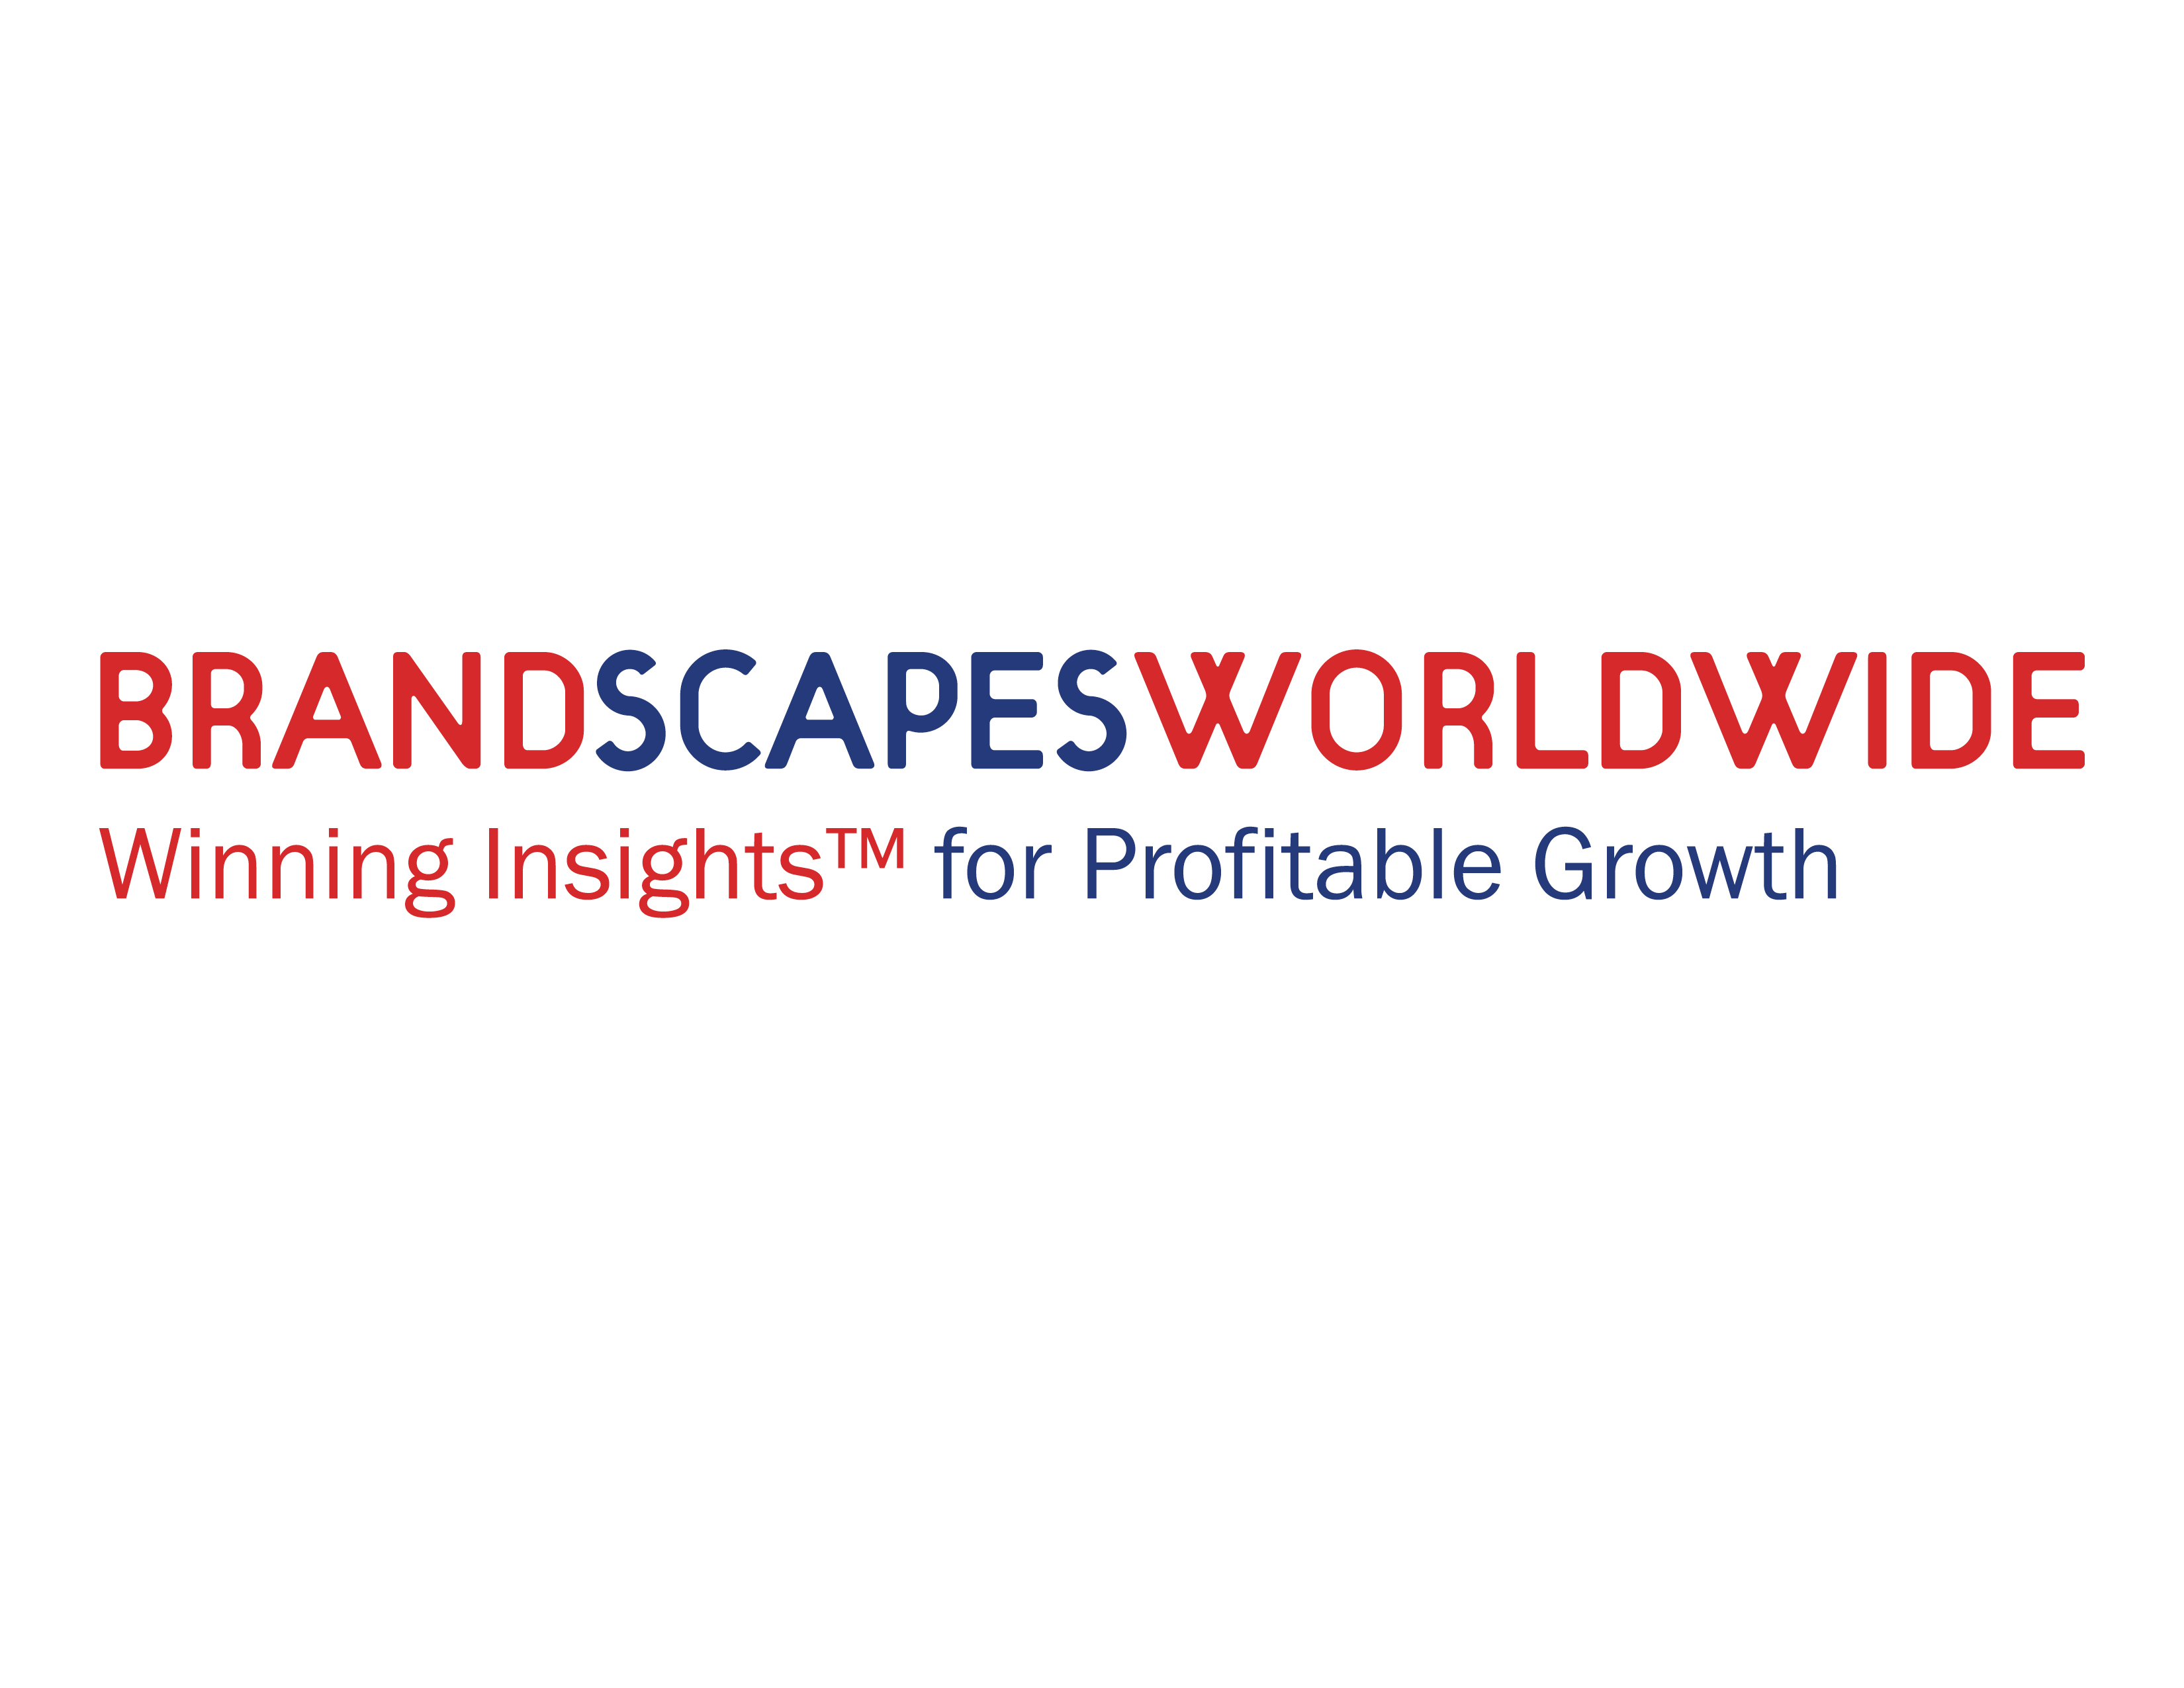 Brandscapes Worldwide – Market Research Company in Myanmar | ESOMAR